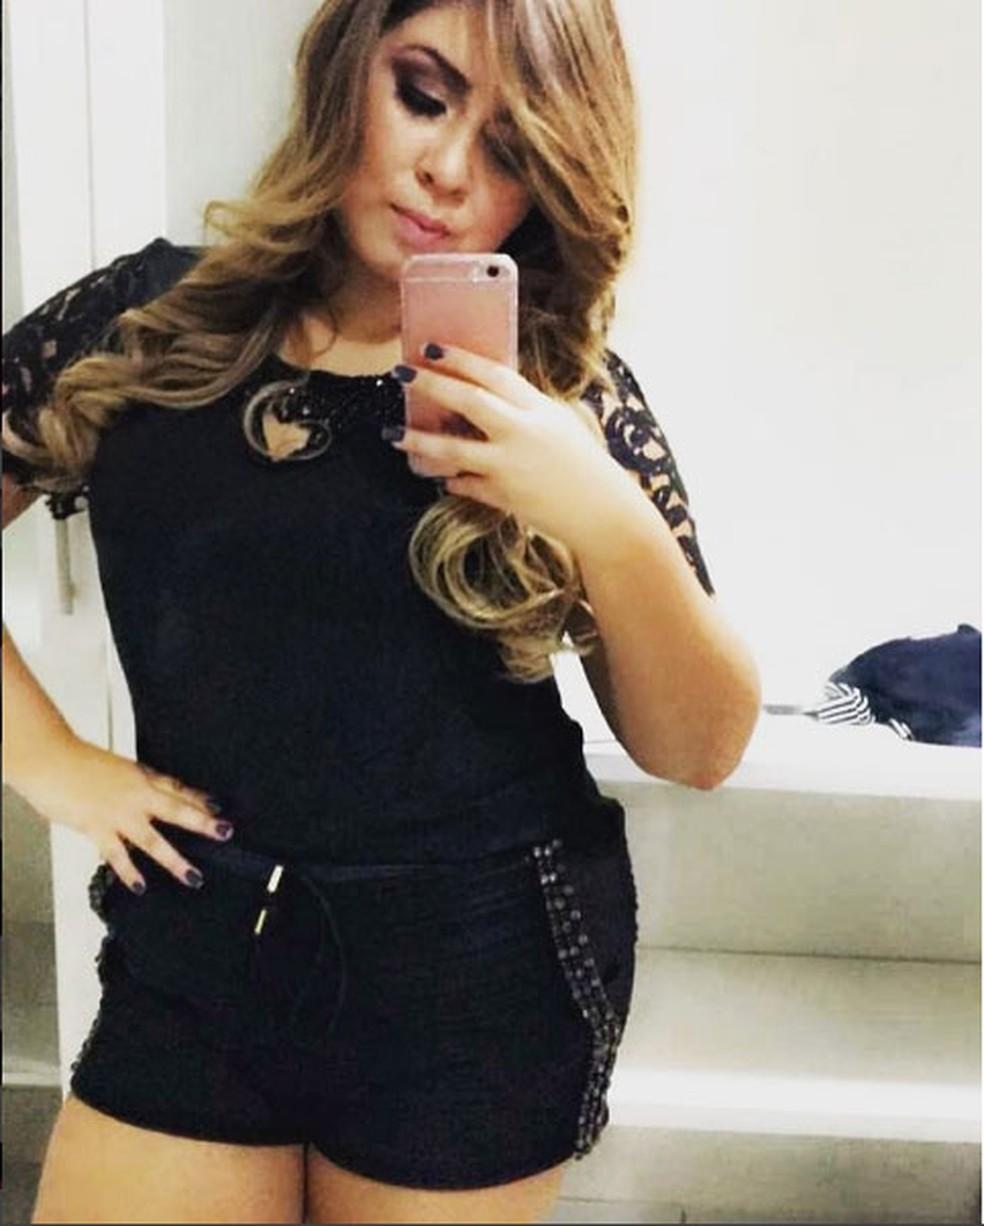 Aquela foto no espelho para Marília Mendonça mostrar que é Rainha mesmo (Foto: Reprodução Internet)